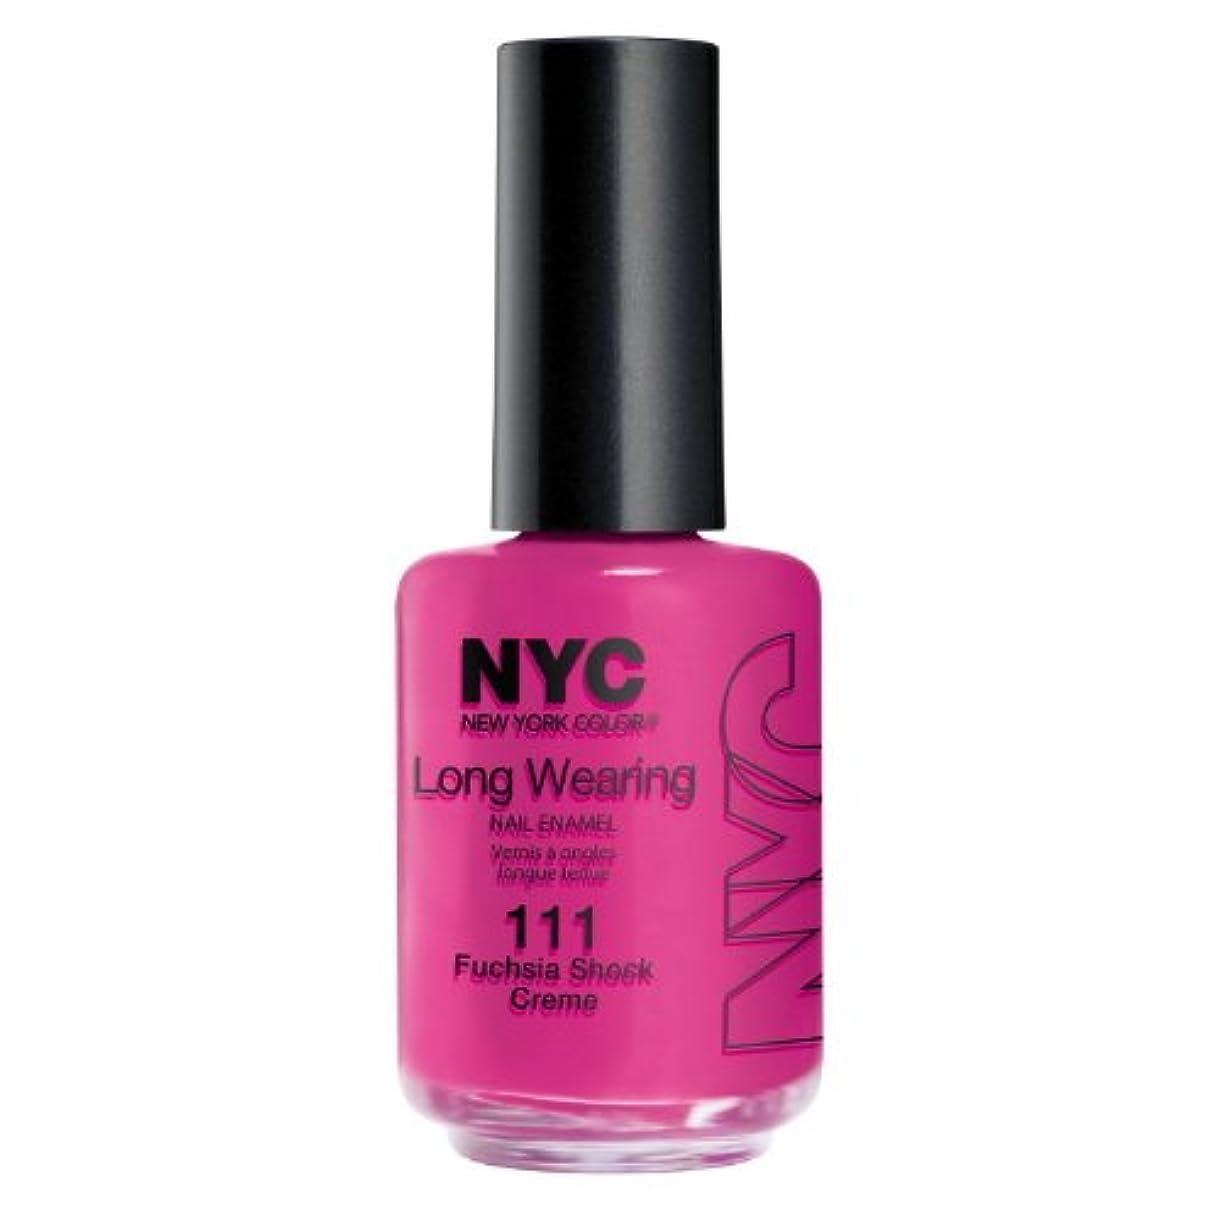 嵐の危険にさらされているゴミ箱を空にするNYC Long Wearing Nail Enamel - Fuchisia Shock Creme (並行輸入品)